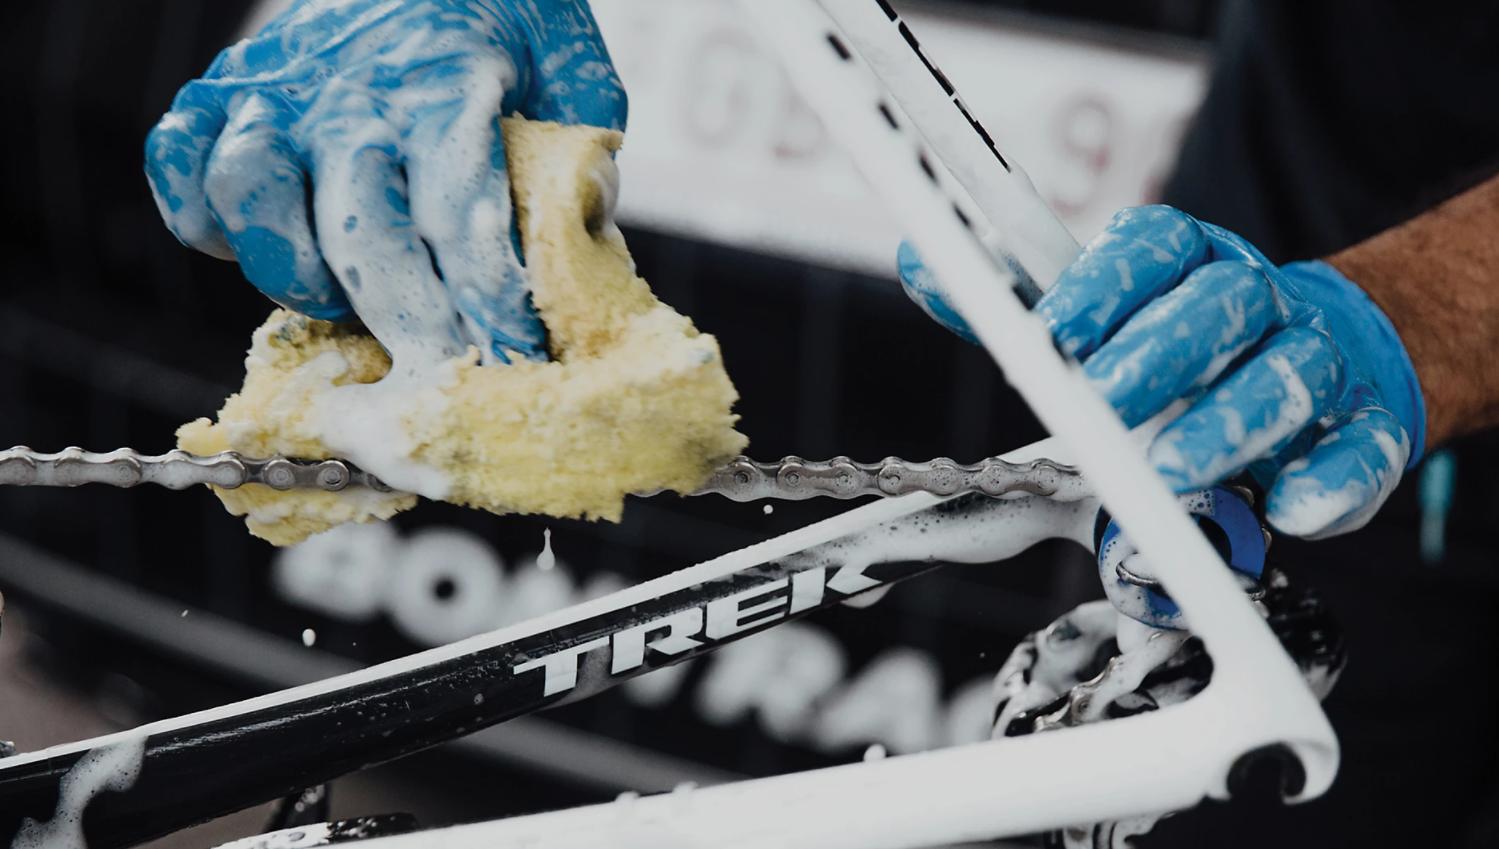 この冬はアースバイクスでオーバーホール!1年頑張った愛車に感謝の気持ちを伝えよう♪